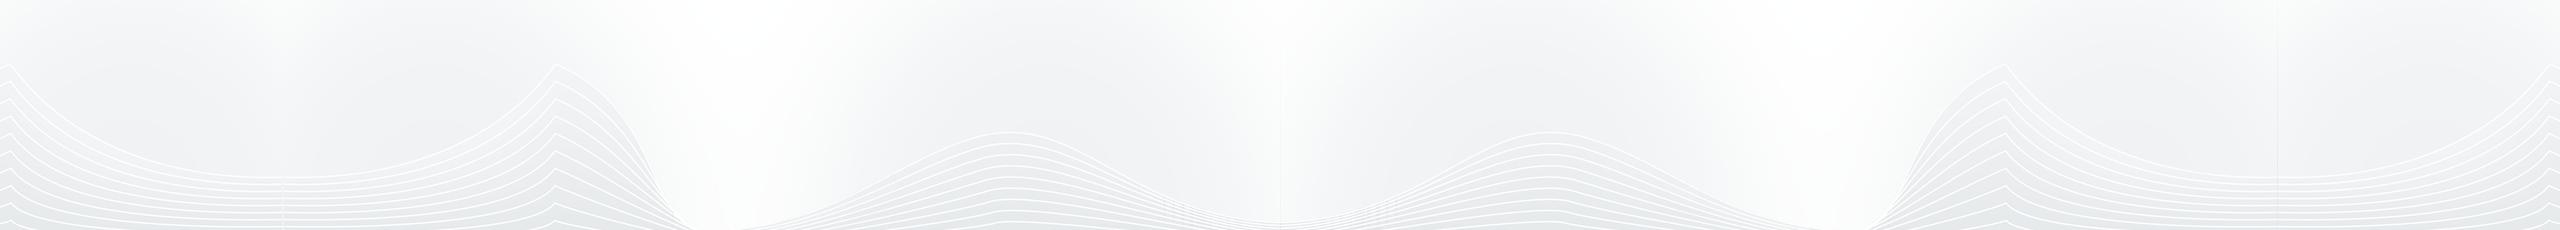 slider_bg1_230